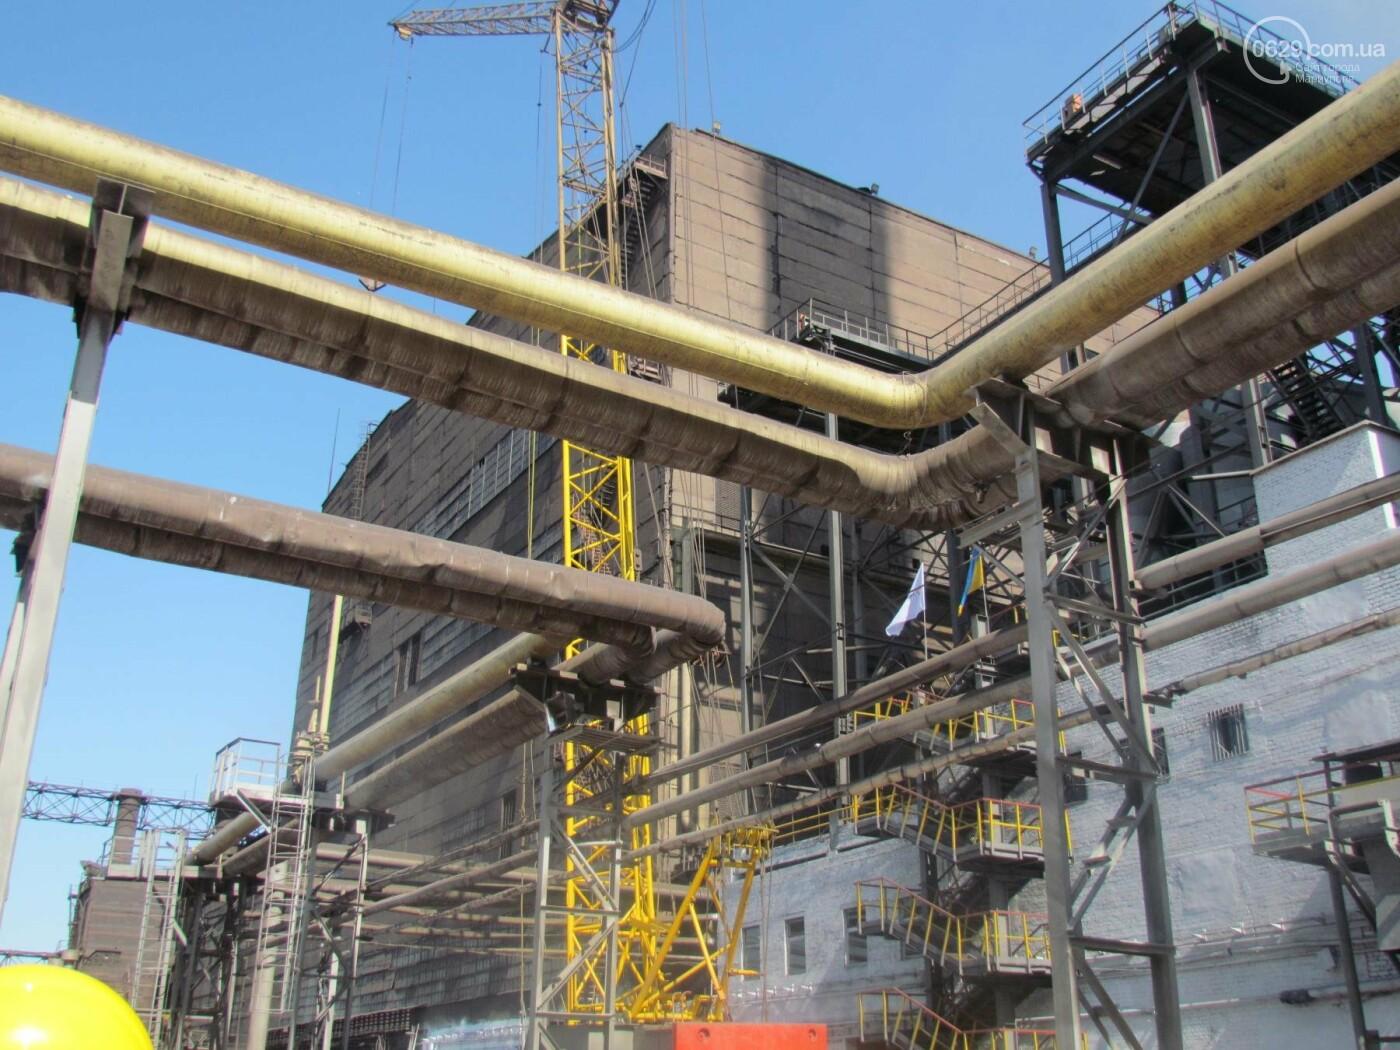 «Метинвест» запустил первый комплекс газоочистки аглофабрики, заявив о сокращении выбросов на треть (ФОТОРЕПОРТАЖ), фото-1